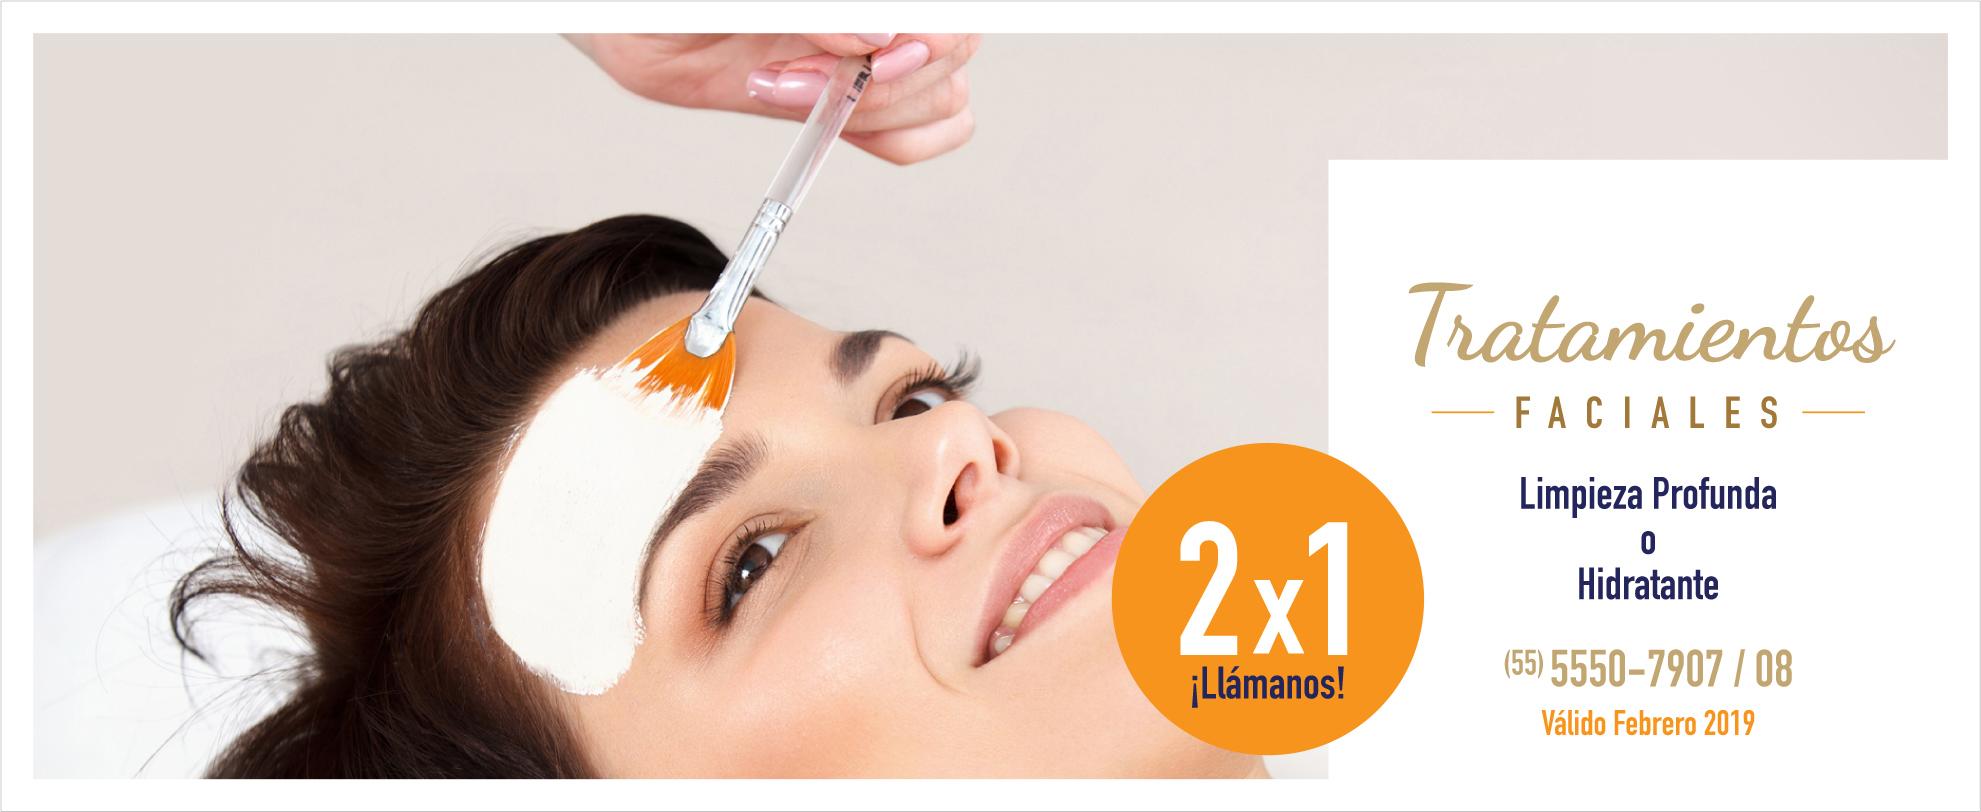 promocion-2x1-tratamientos-faciales